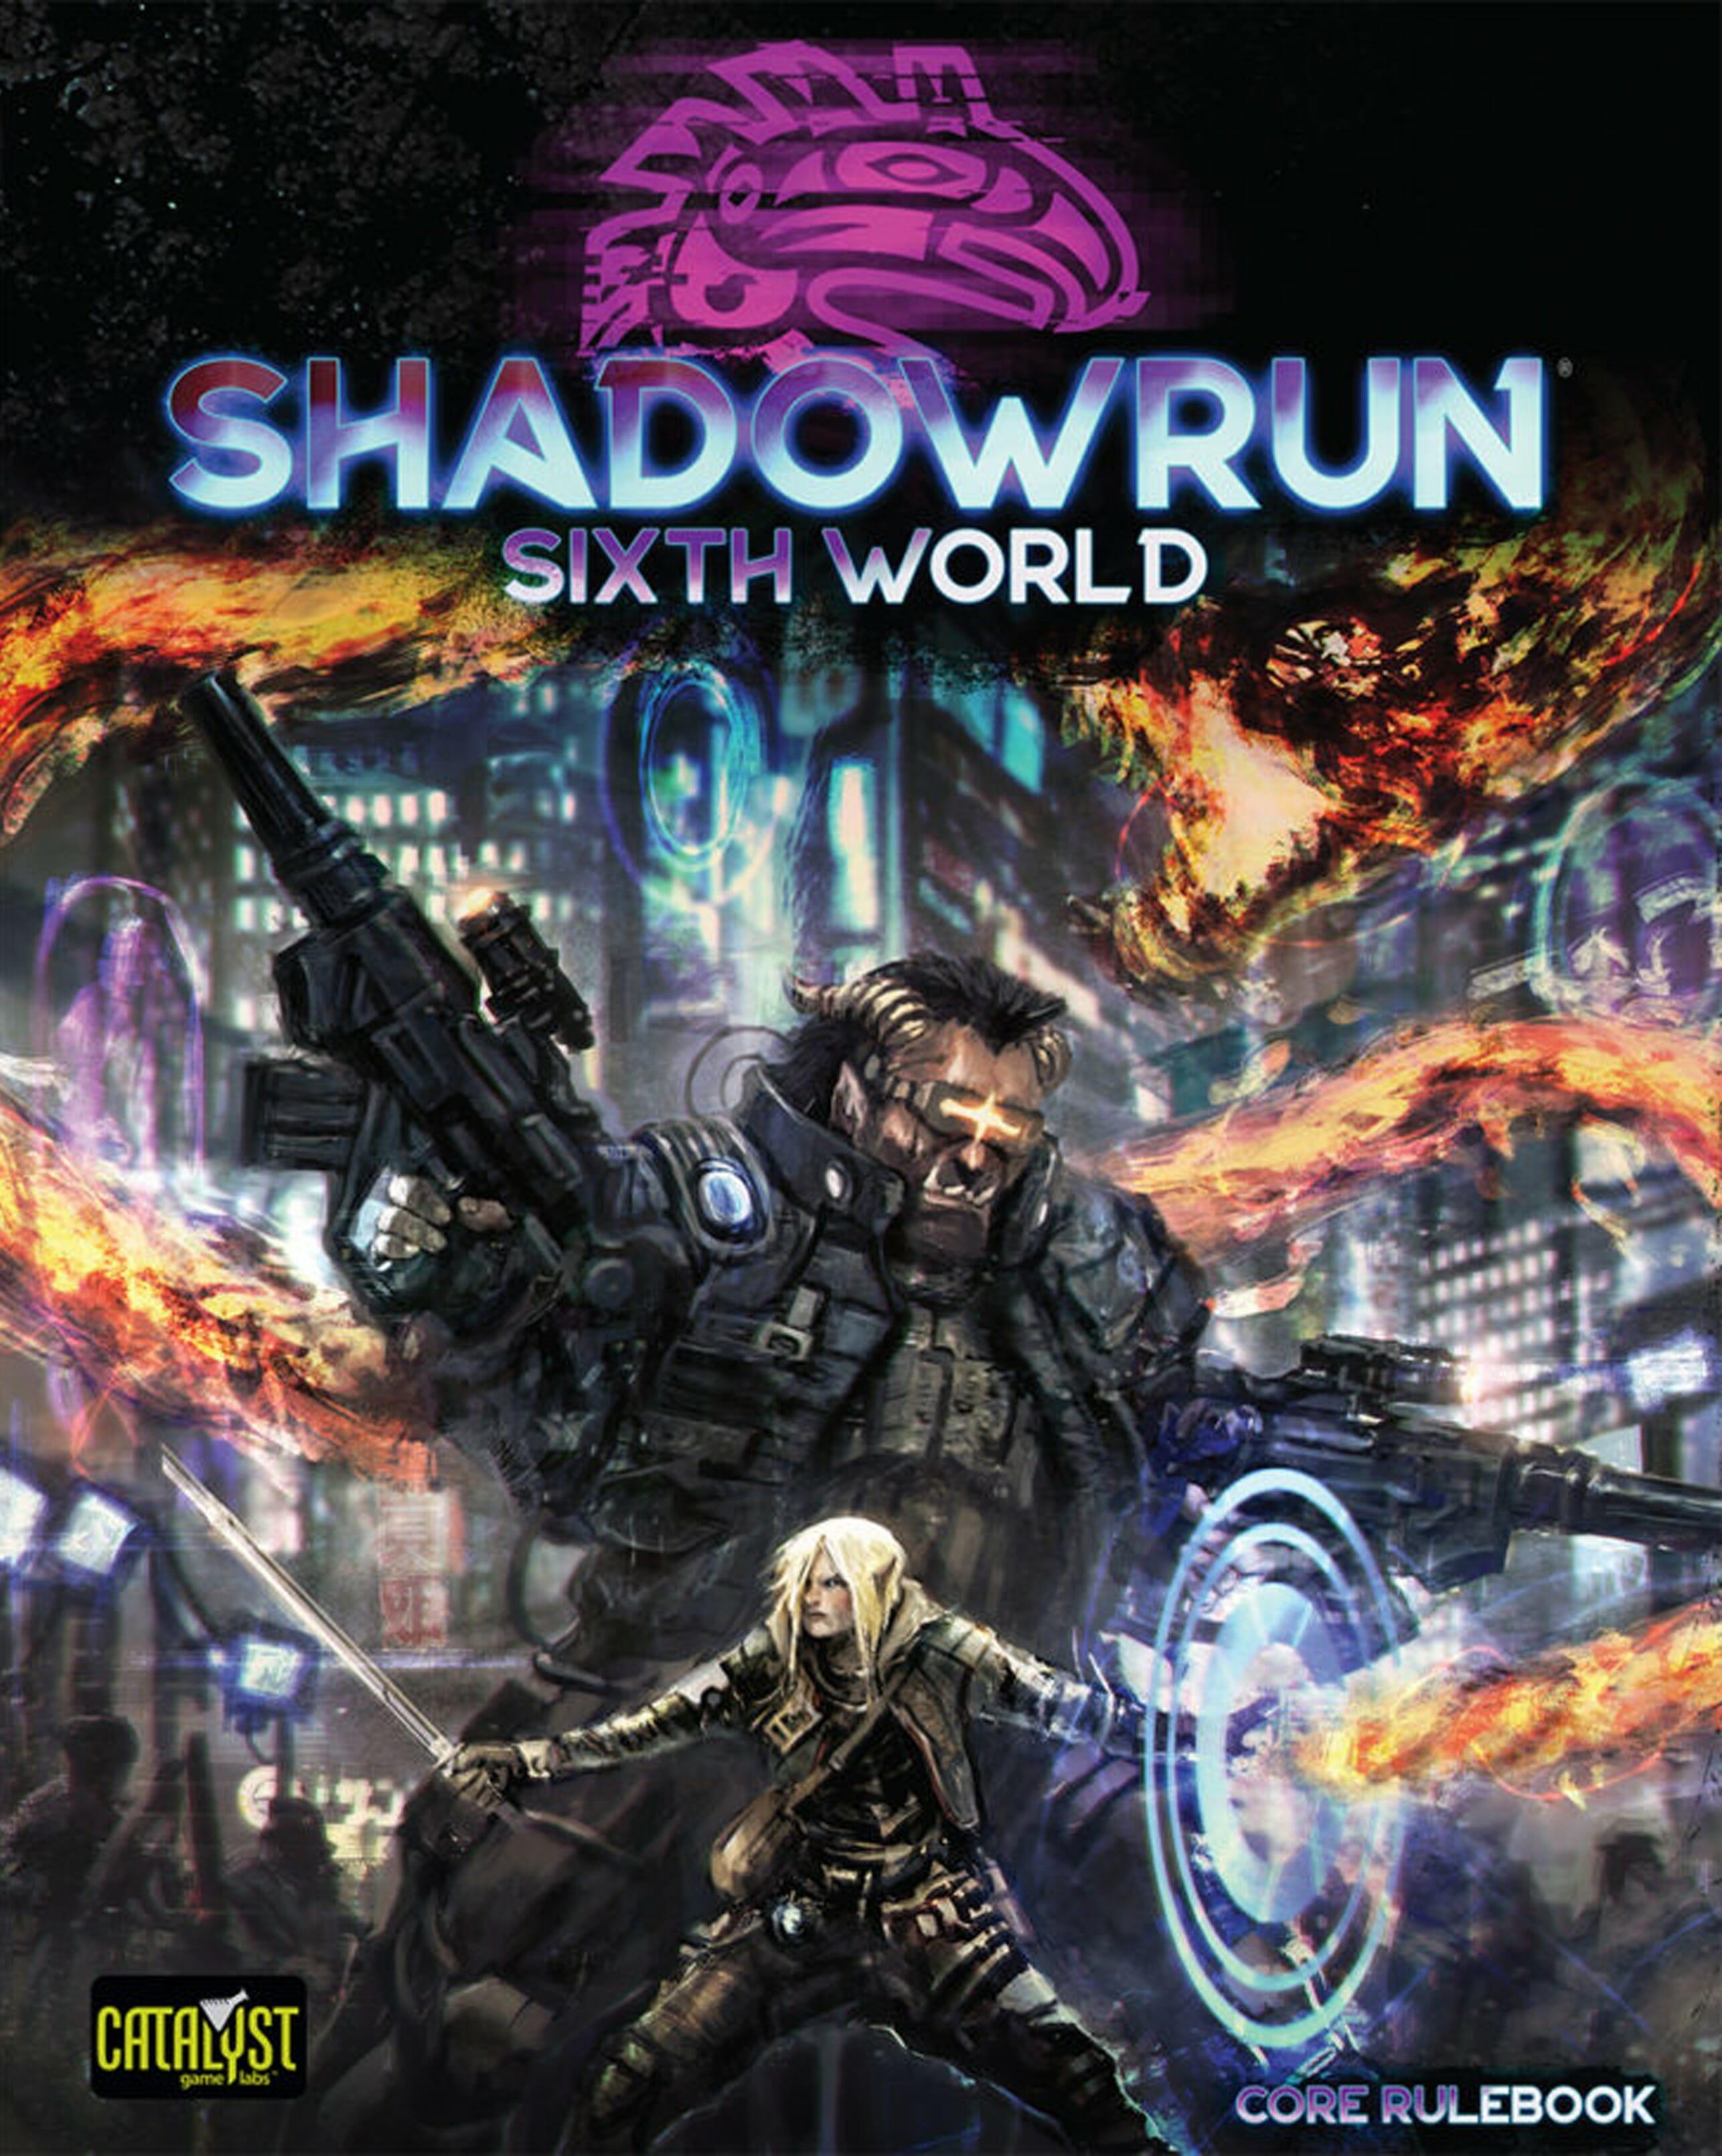 Shadowrun: Sixth World